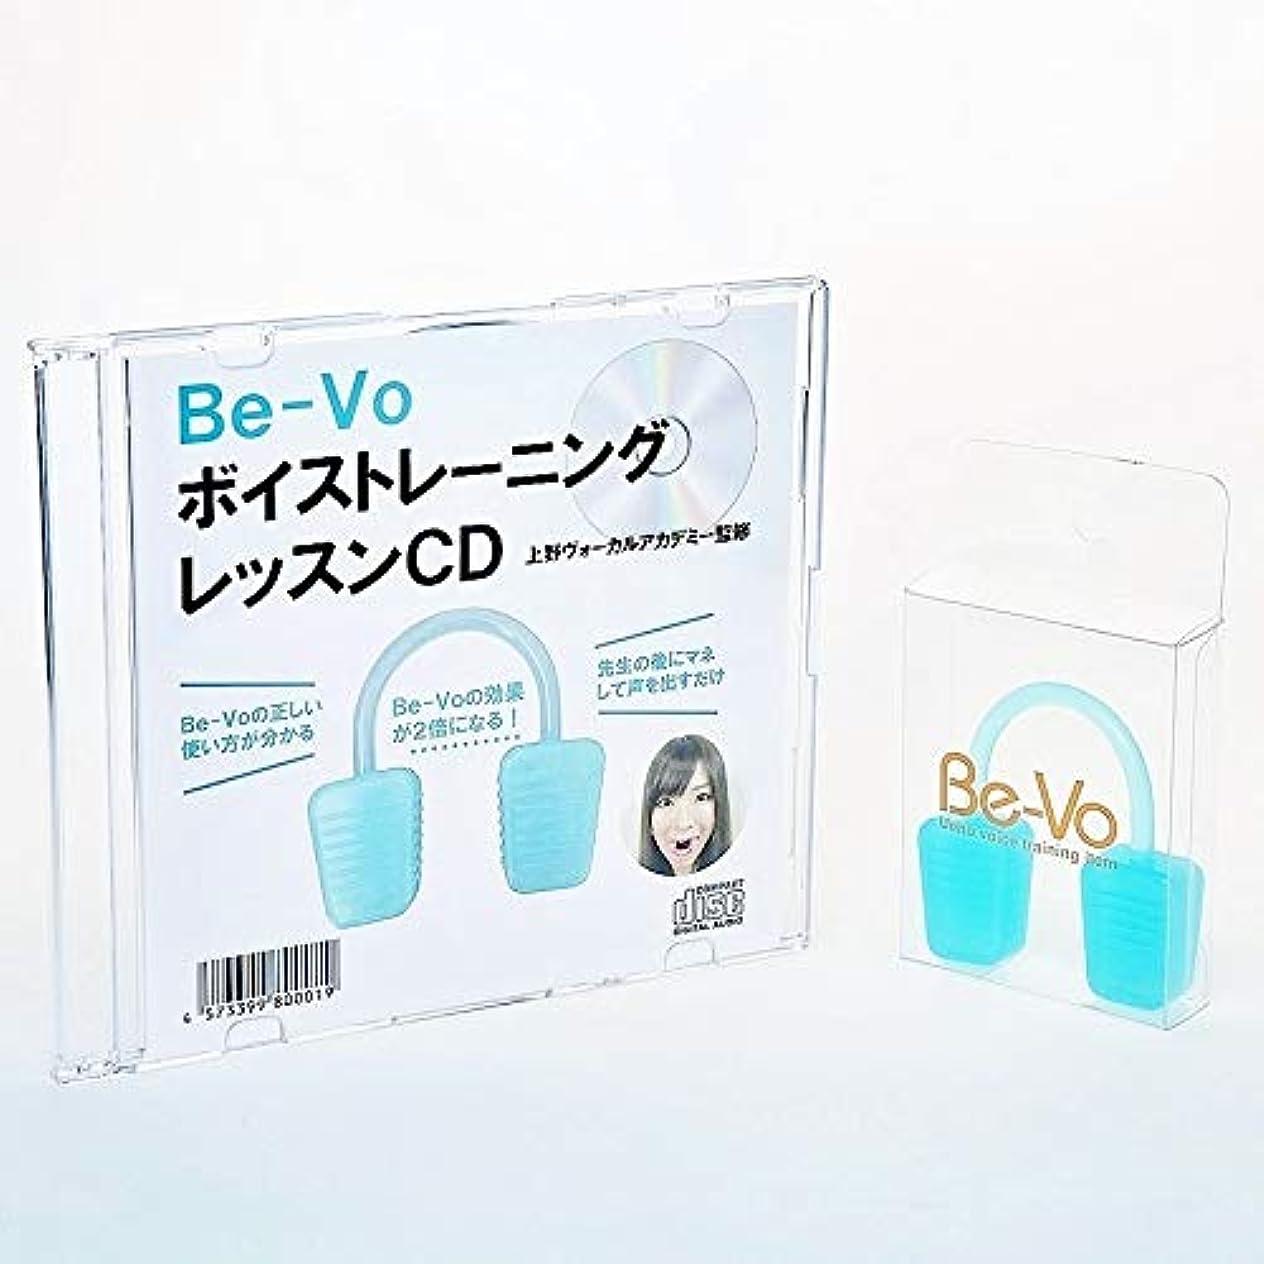 抵抗力があるバンジョー塗抹Be-Vo CD セット ブルー ボイストレーニング器具Be-Vo(ビーボ)+Be-VoボイストレーニングレッスンCD2点セット